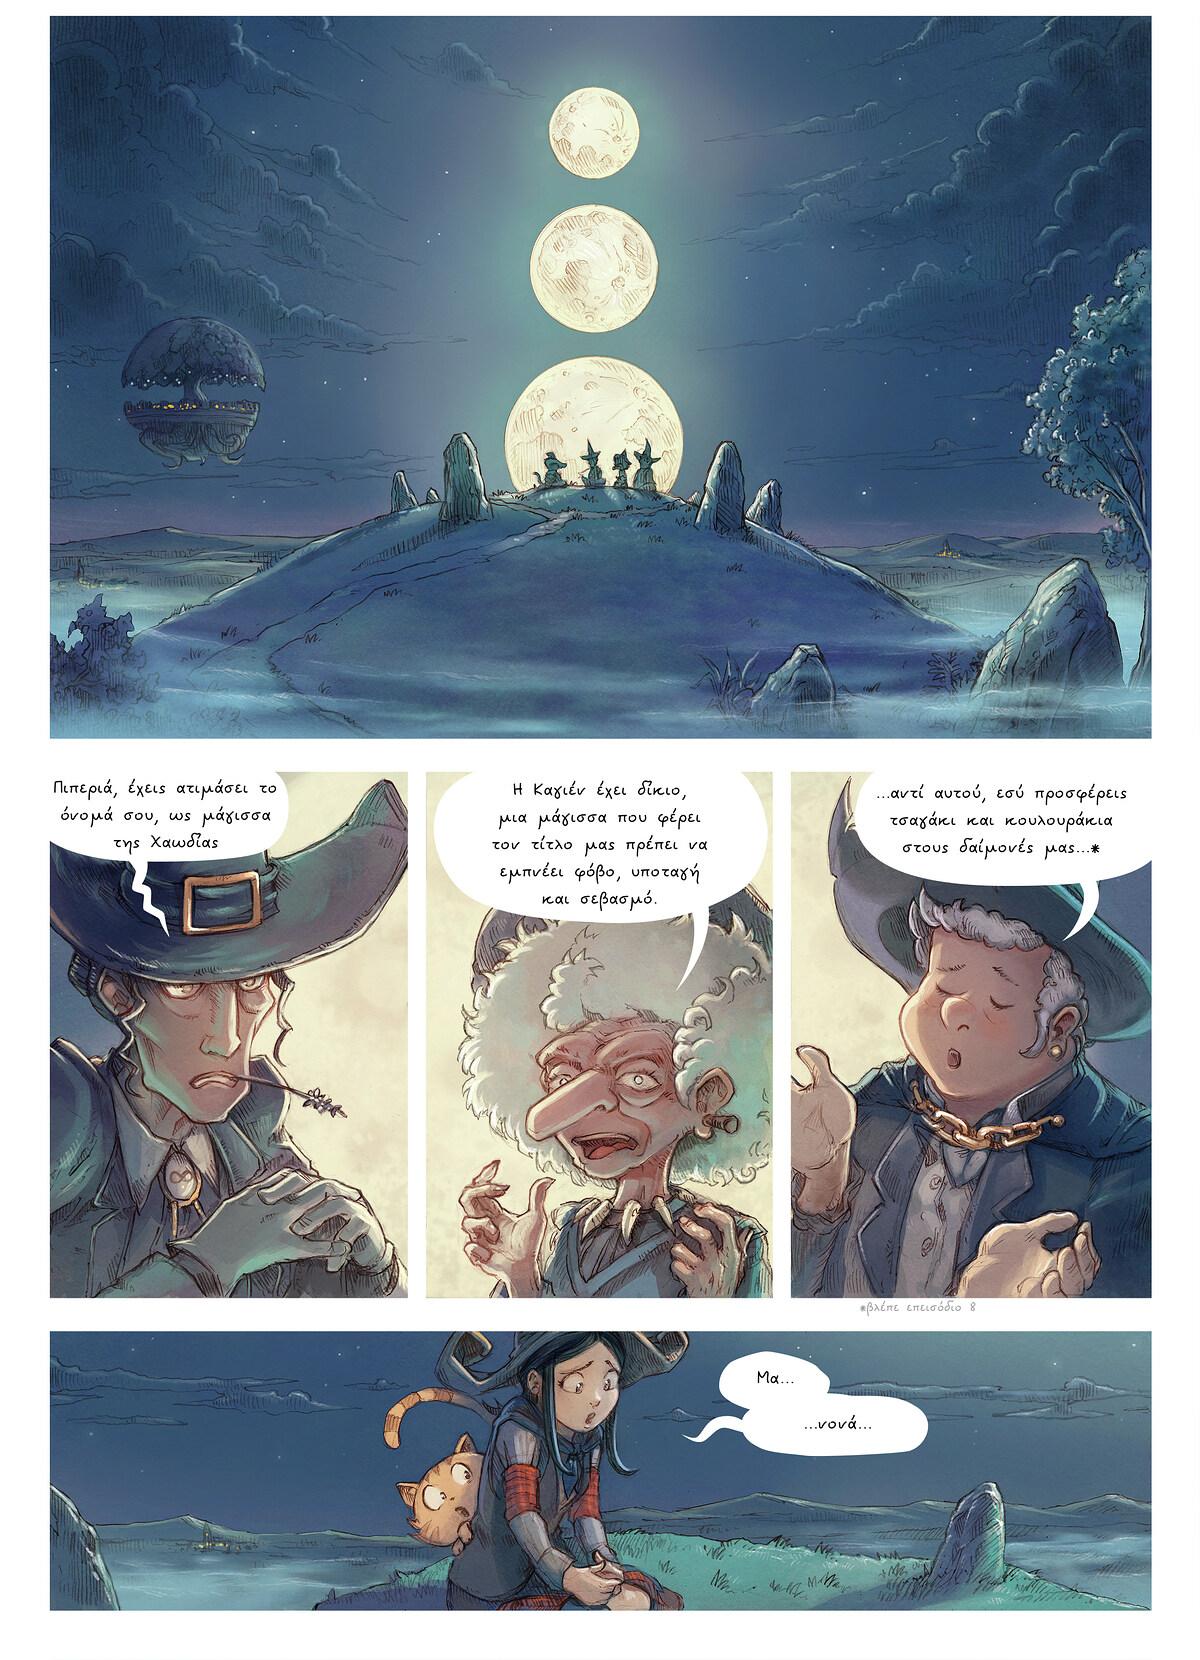 Επεισόδιο 11: Οι Μάγισσες Της Χαωδίας, Page 1